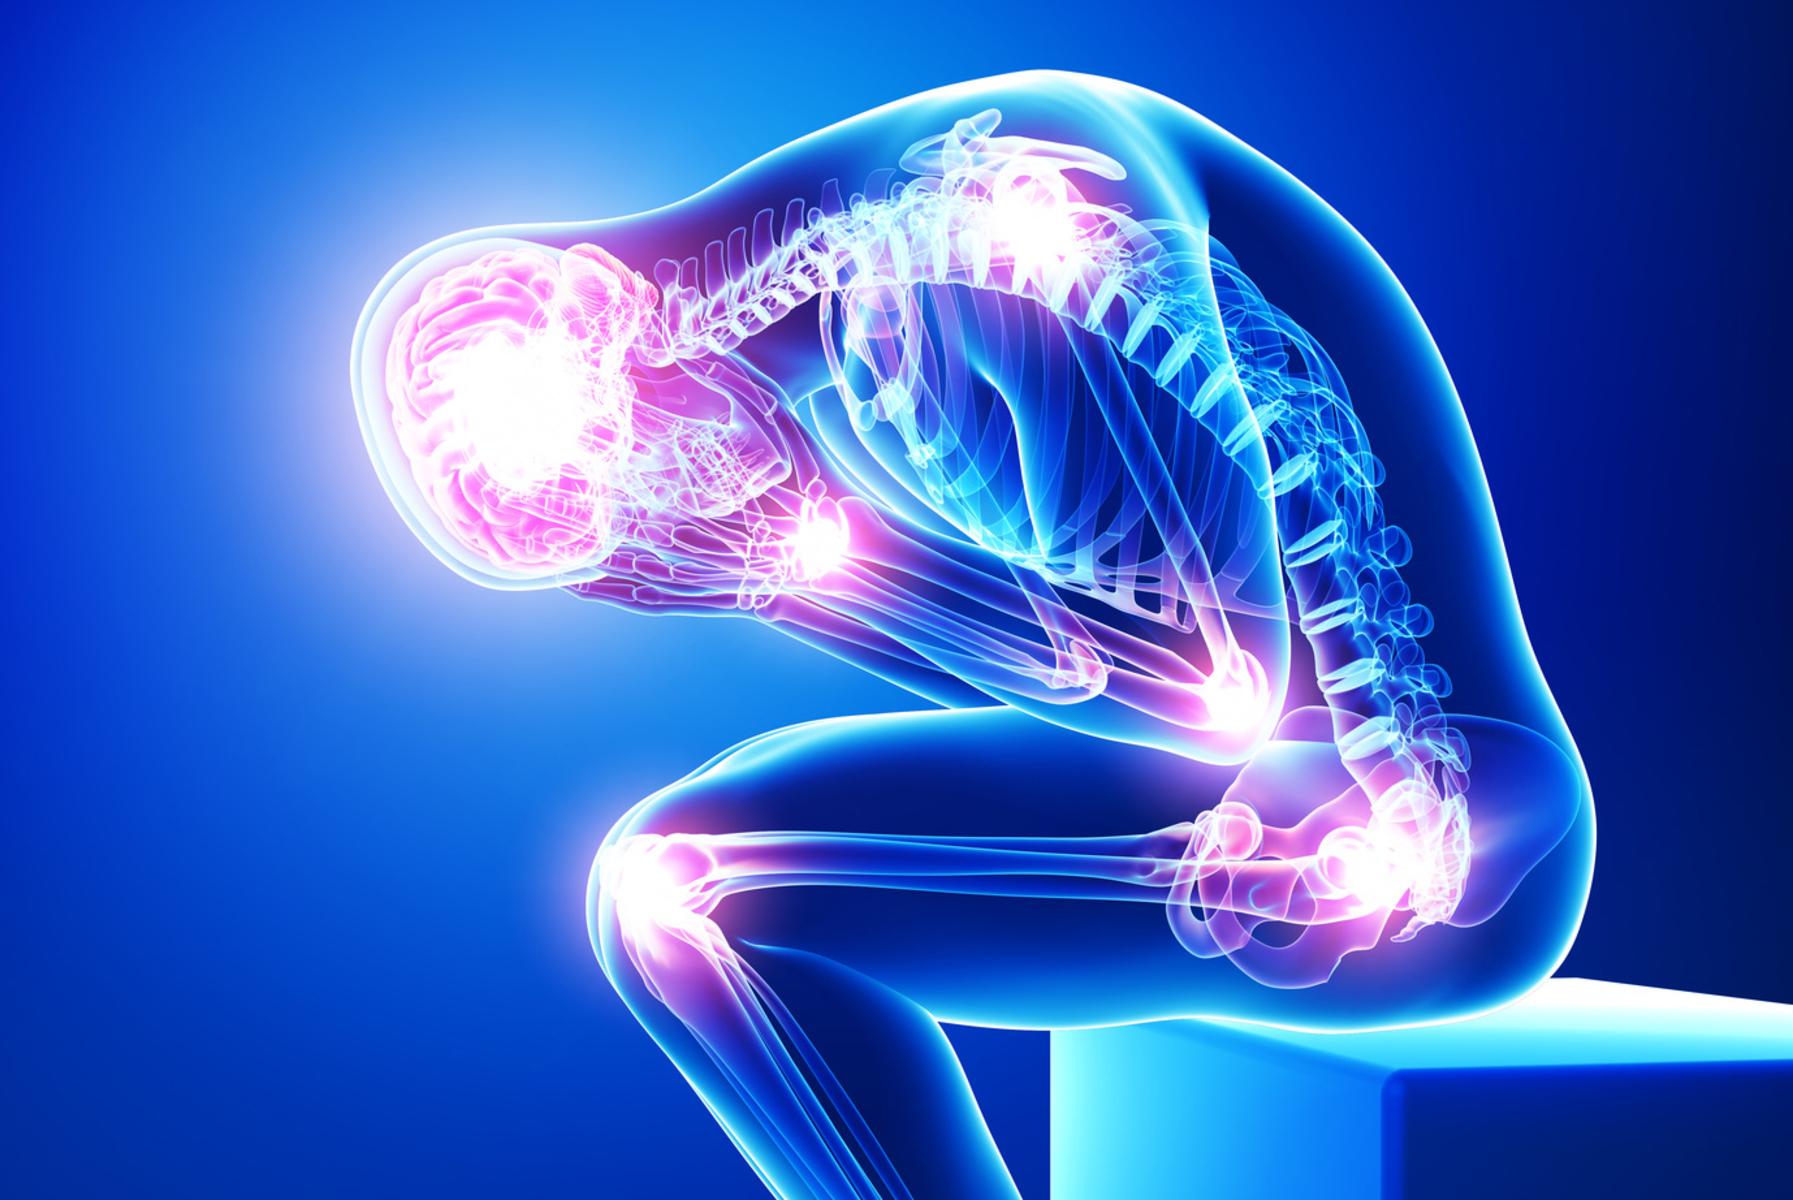 durere articulară fantomă articulațiile pelvine doare dimineața